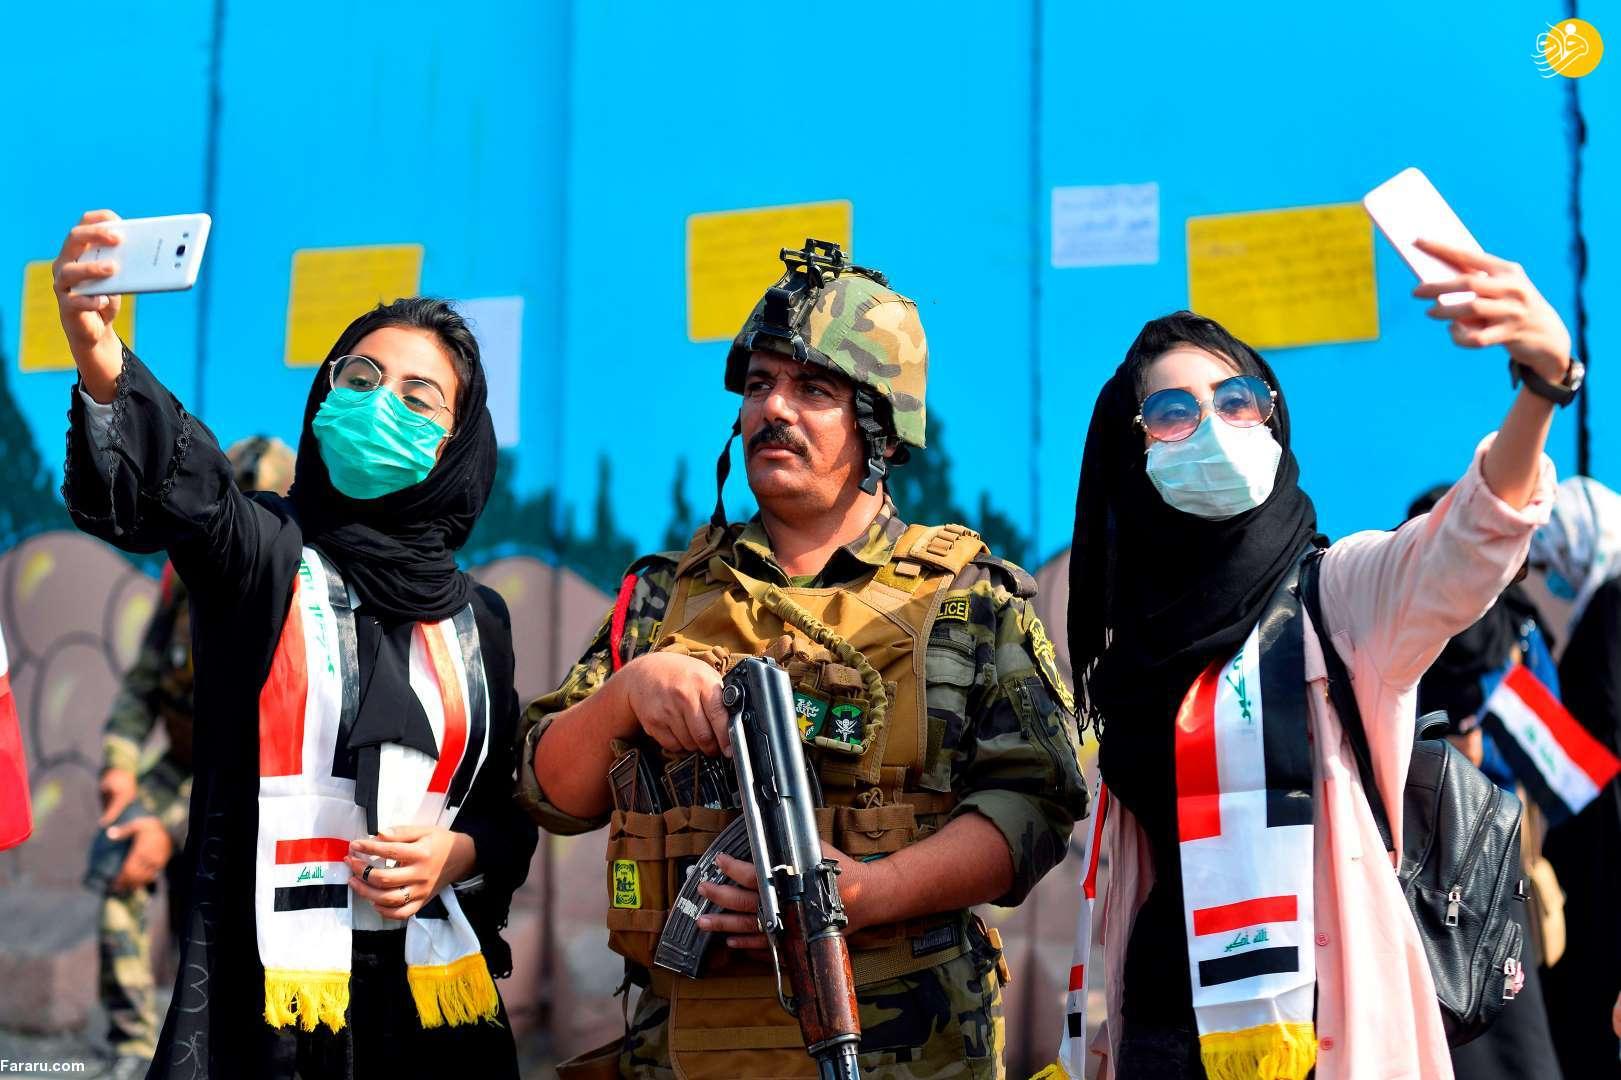 (تصویر) سلفی دختران معترض عراقی با مامور امنیتی